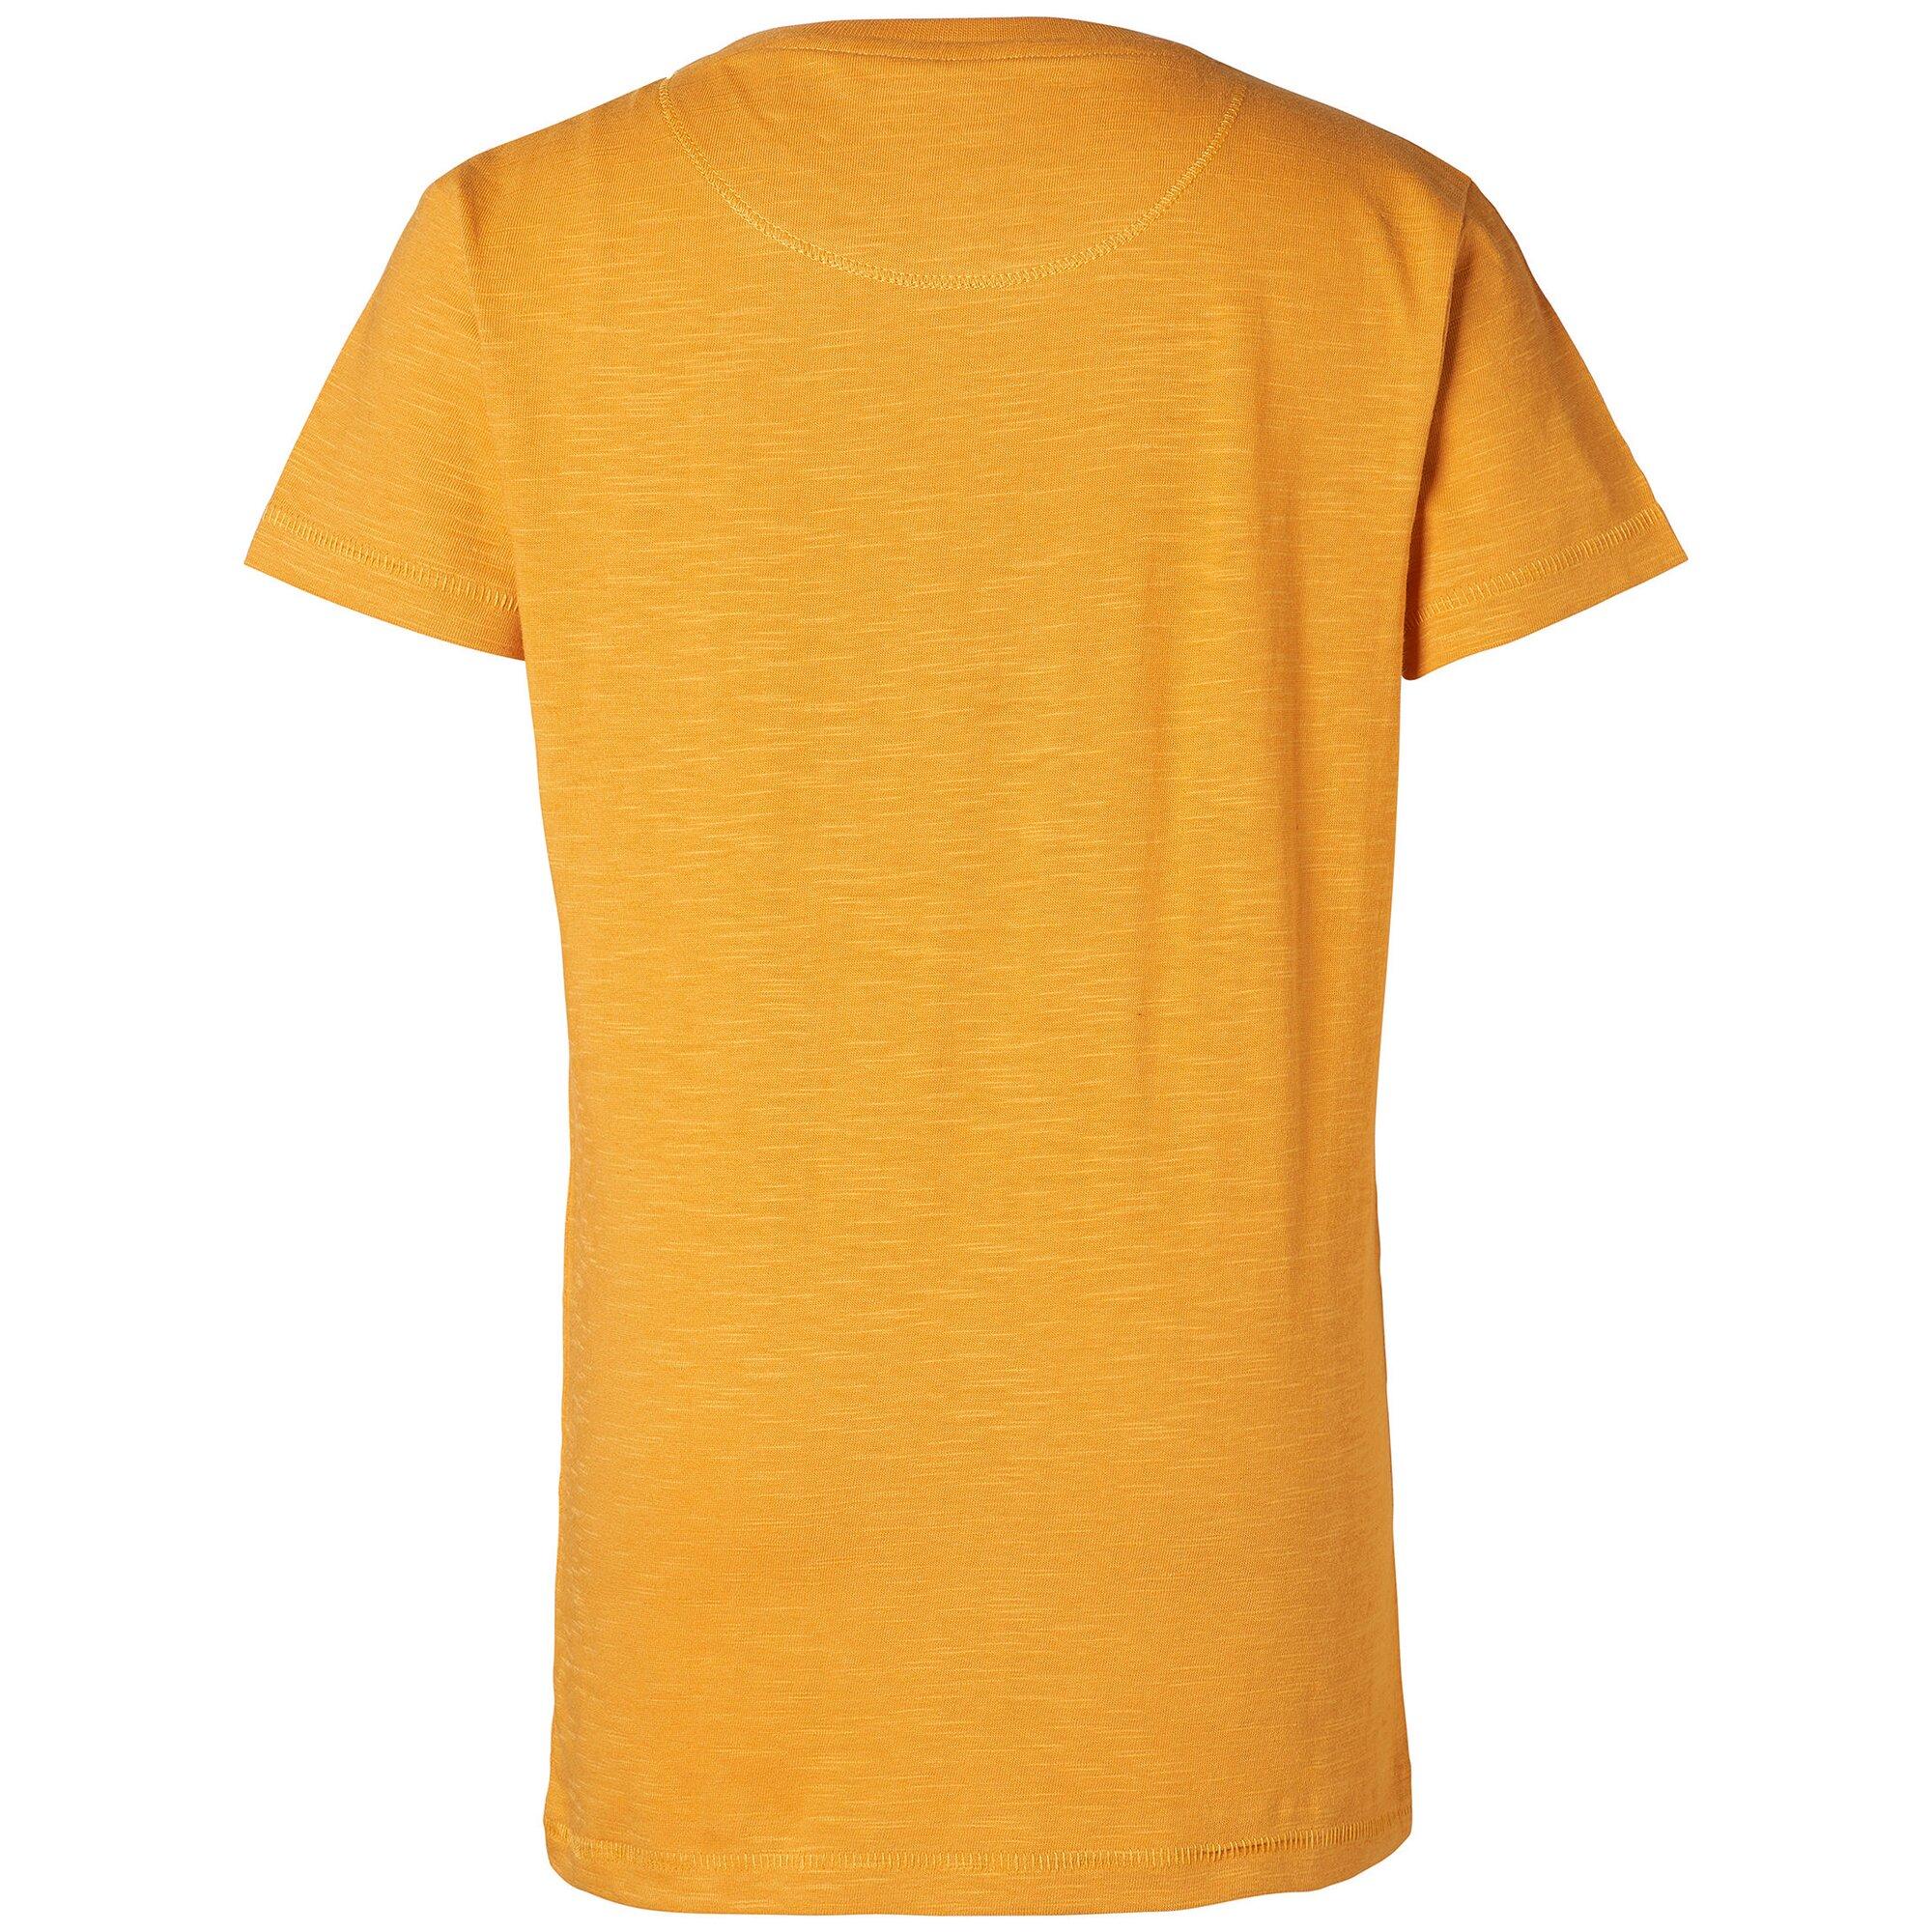 schildkrot-fun-sports-t-shirt-kittery